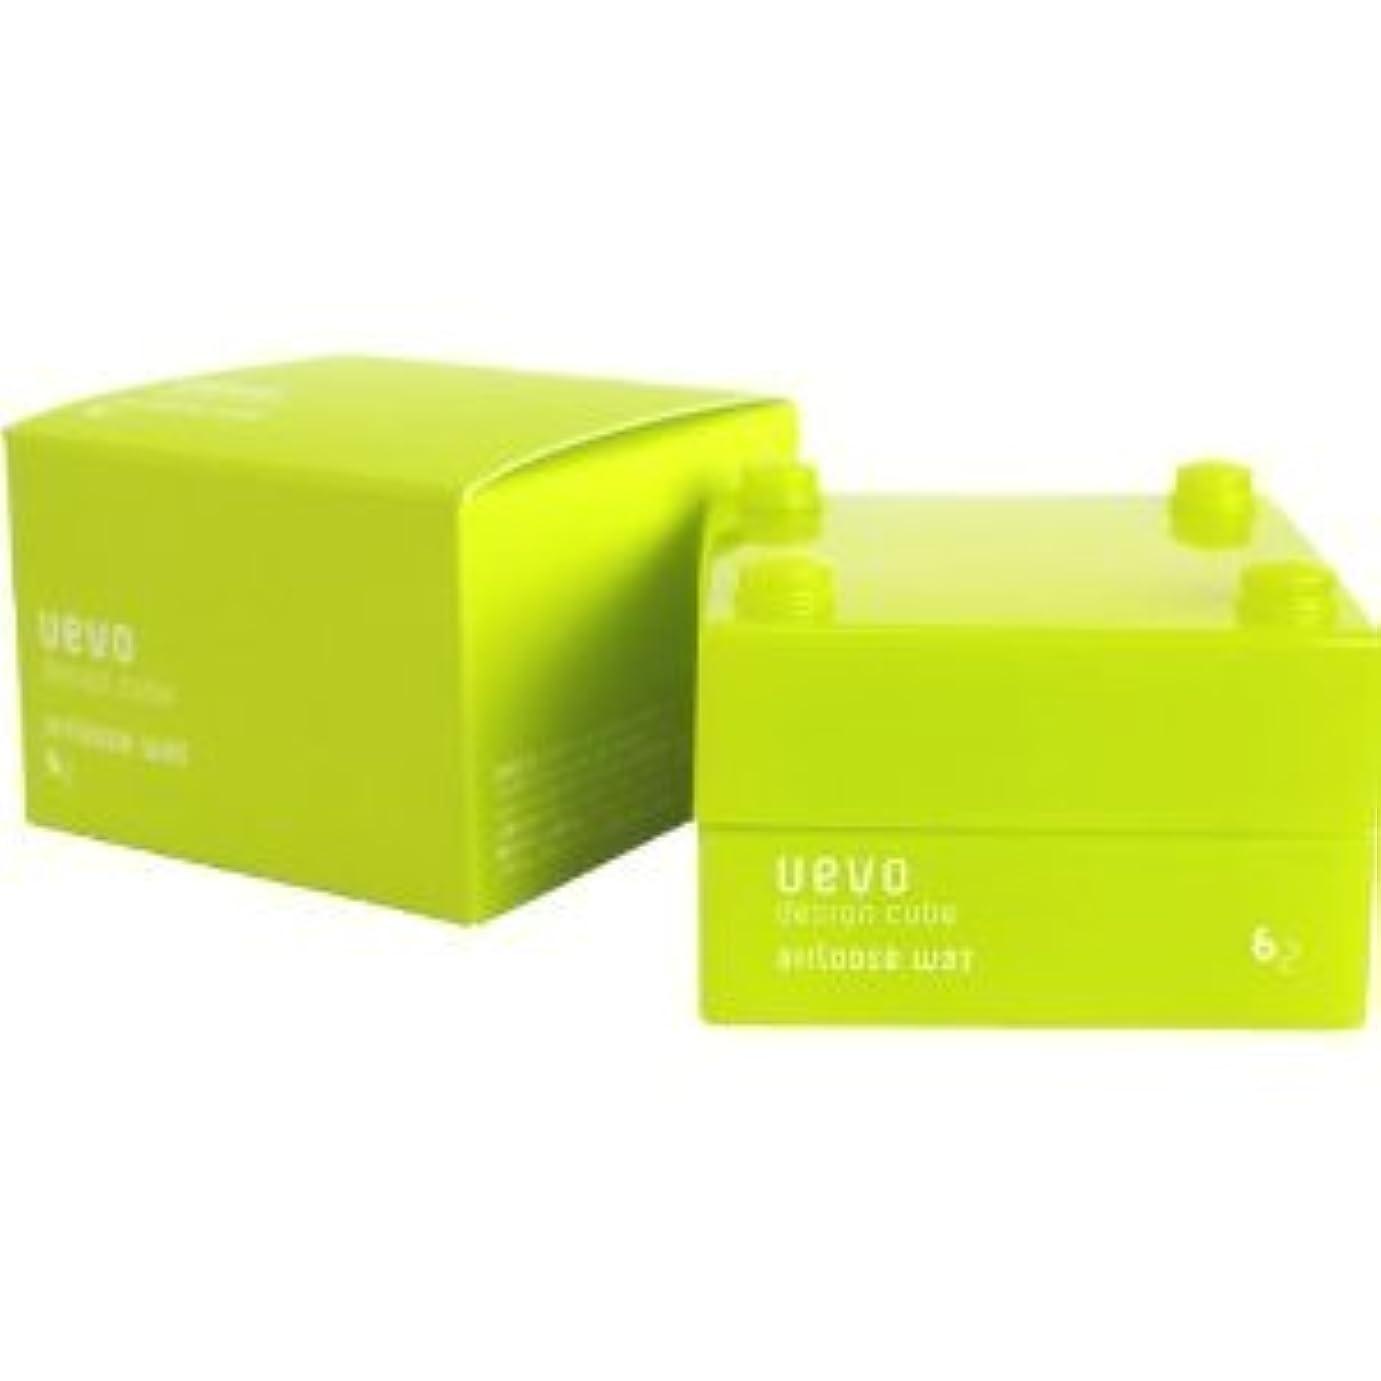 恥キャンドルエトナ山【X3個セット】 デミ ウェーボ デザインキューブ エアルーズワックス 30g airloose wax DEMI uevo design cube